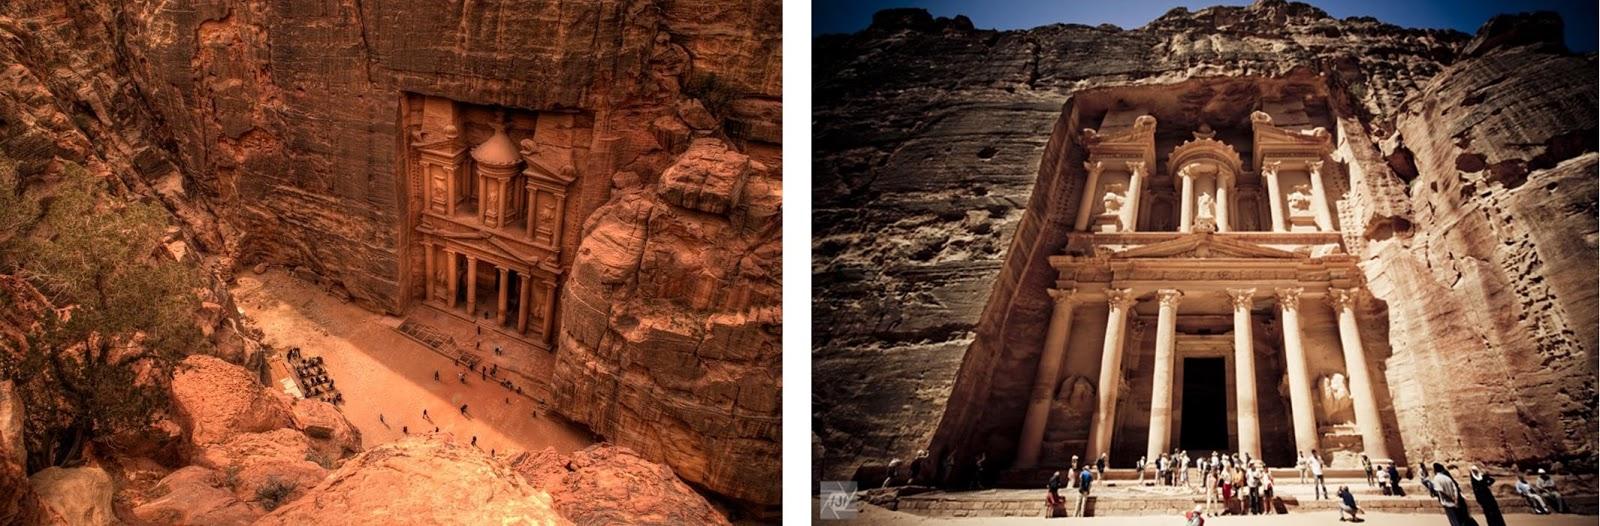 Petra (Ma'an Governorate, Jordan)